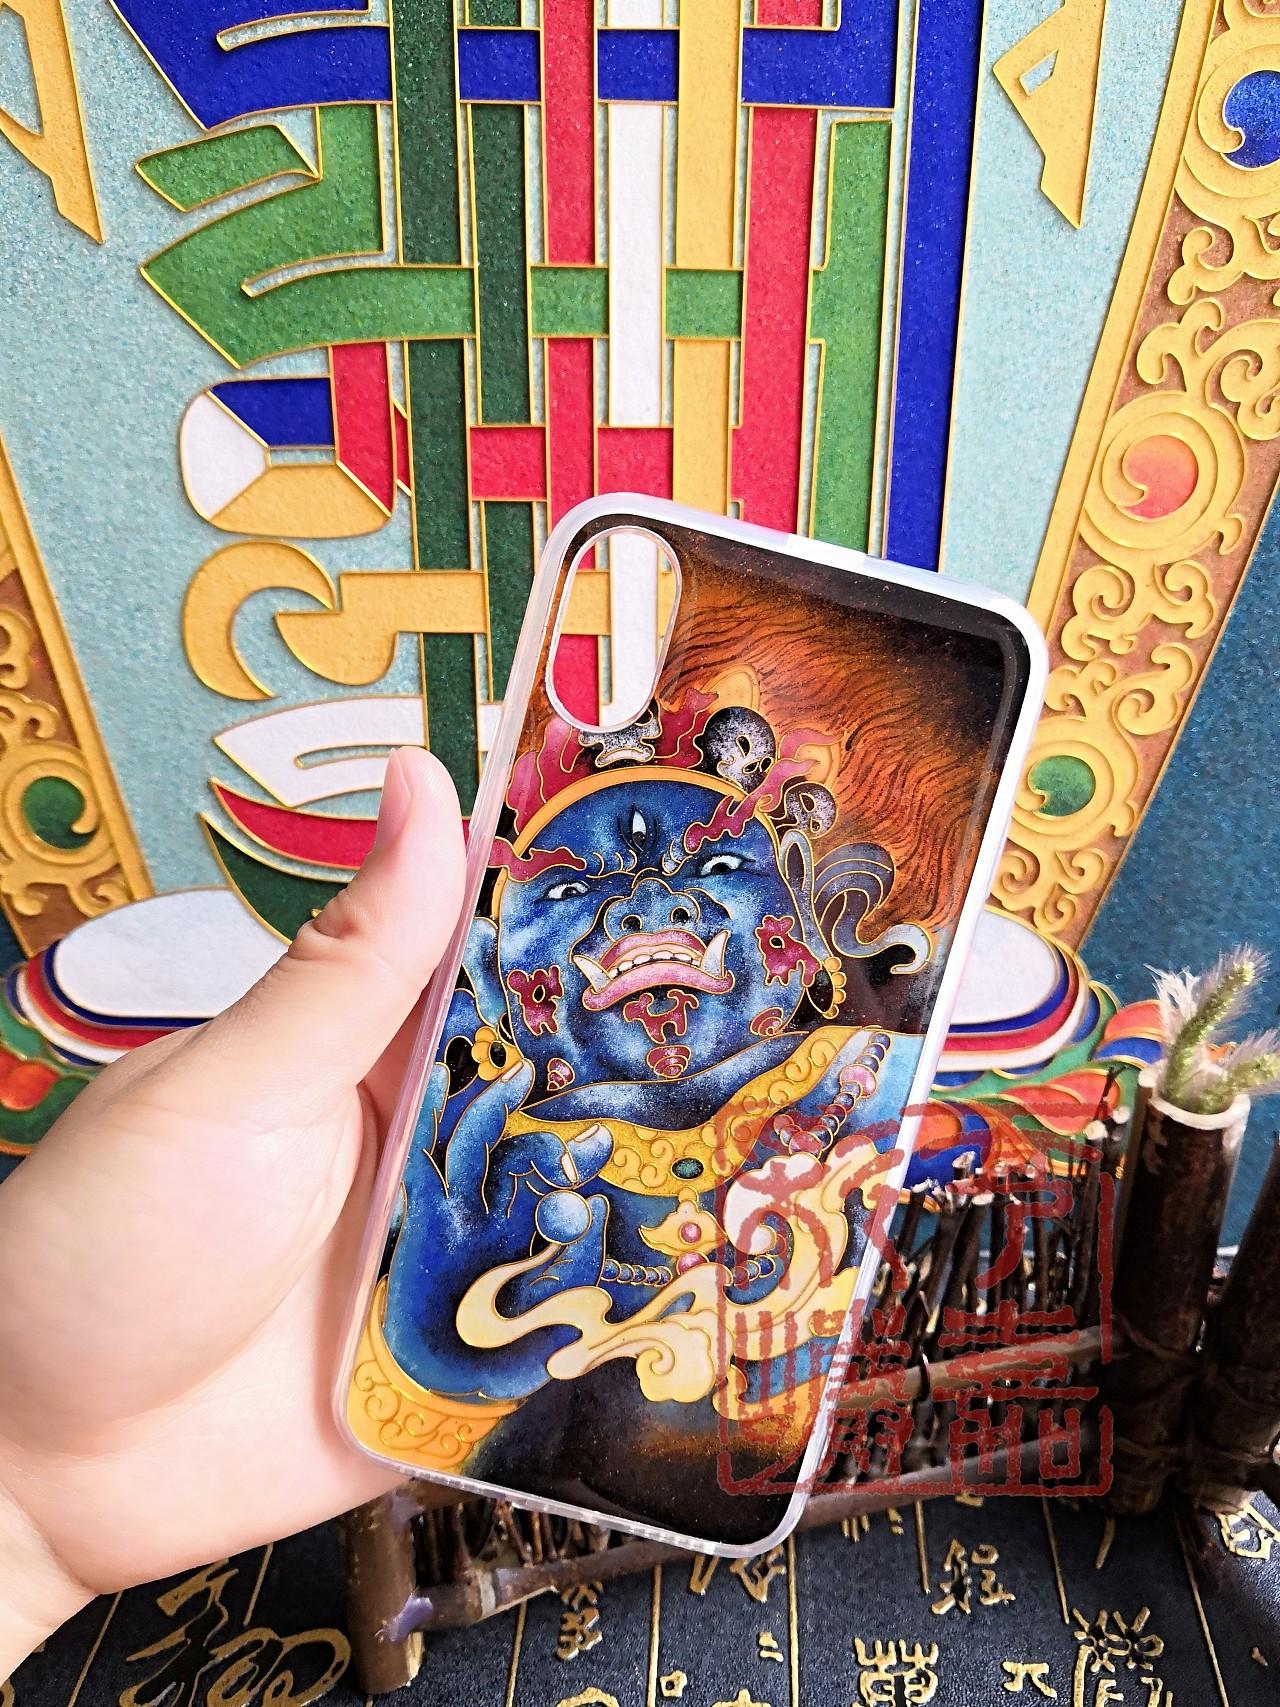 景泰蓝手工艺画_景泰蓝金丝沙画画手机壳,把艺术随时携带|手工艺|其他手工|亨 ...